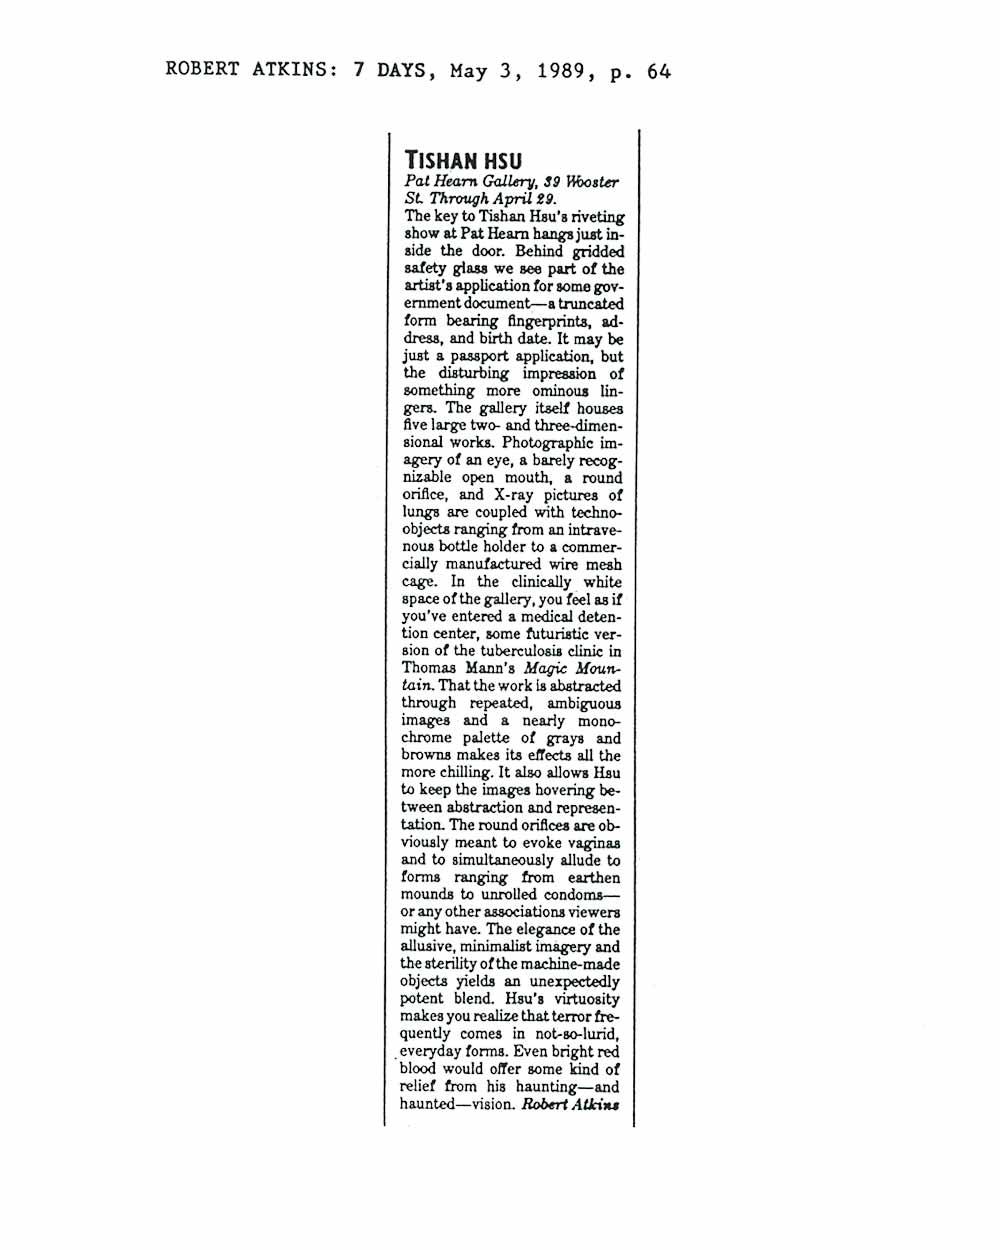 Tishan Hsu, article